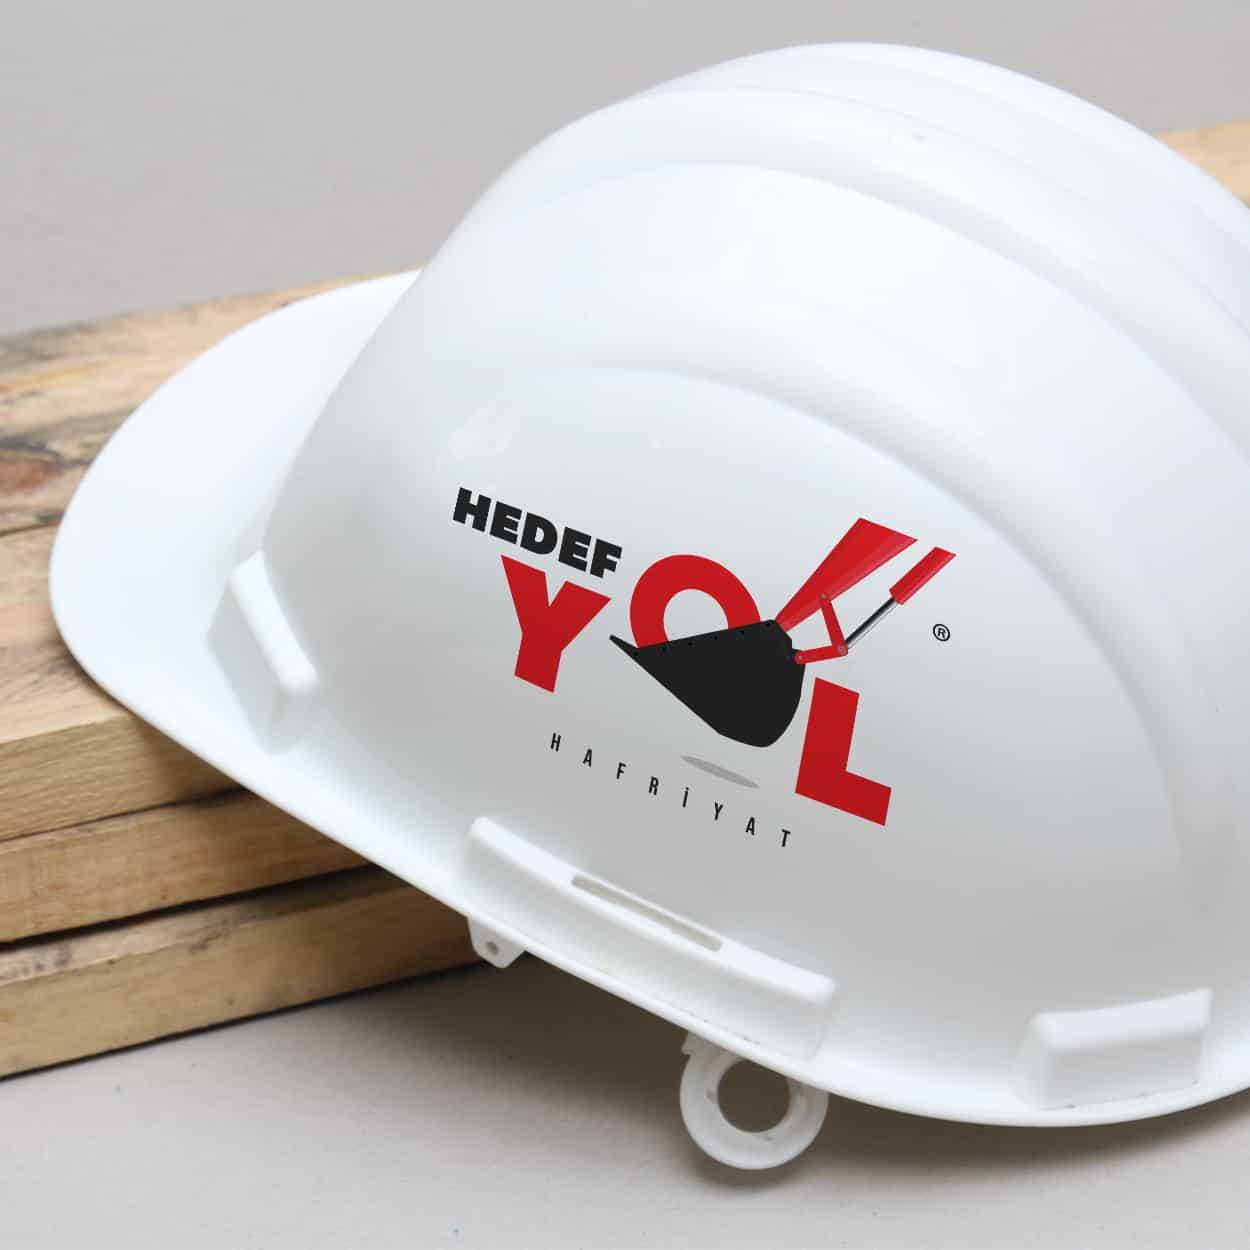 Hedef Yol Excavations